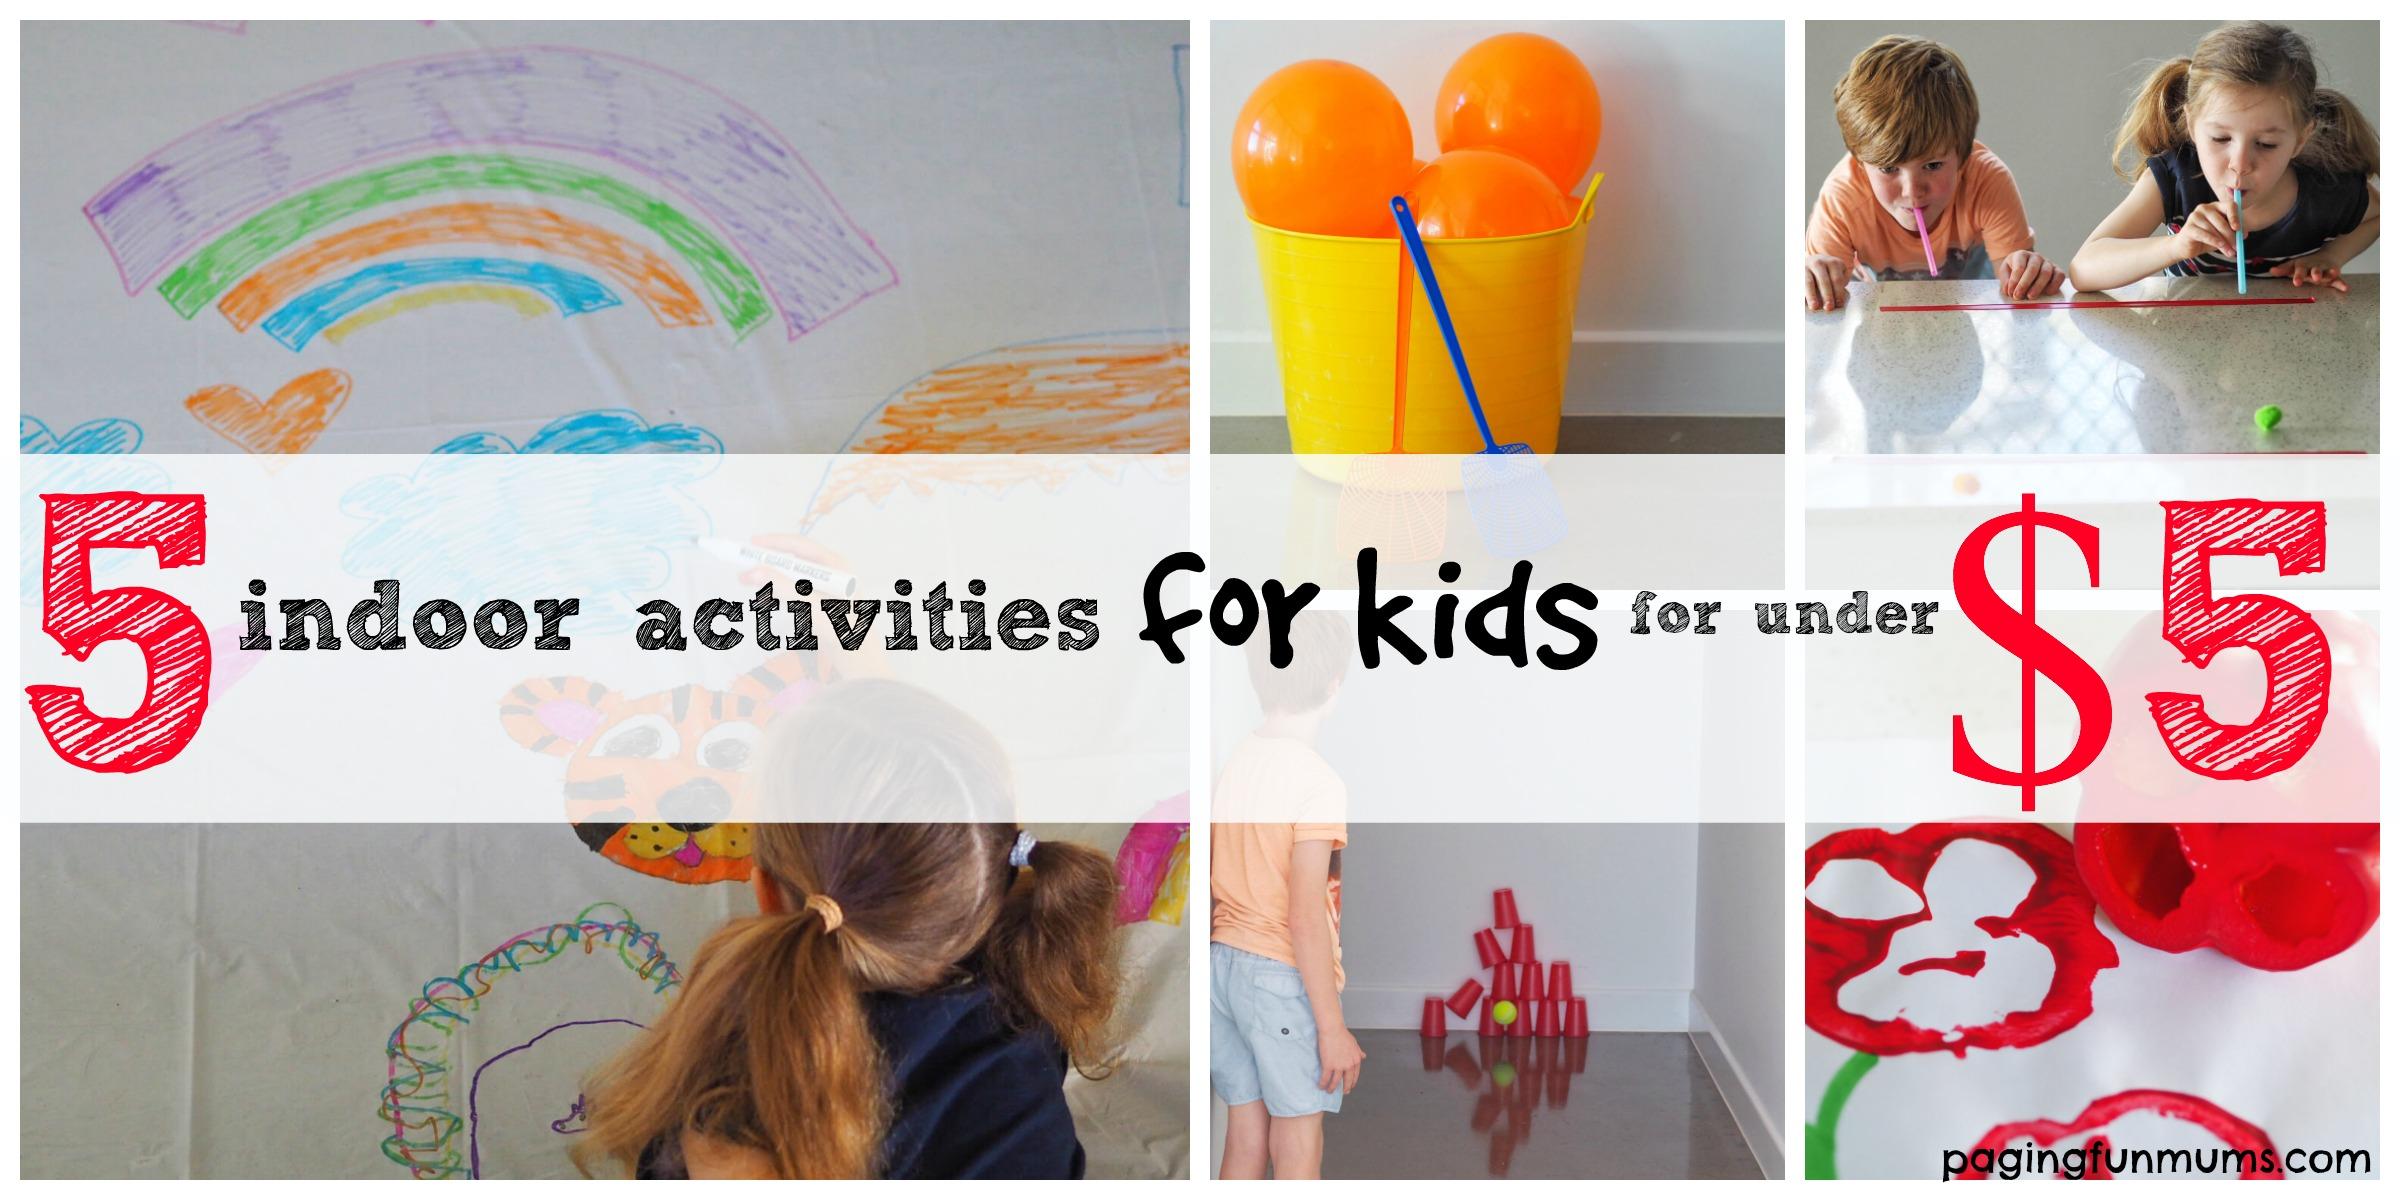 5 indoor kids activities for under $5